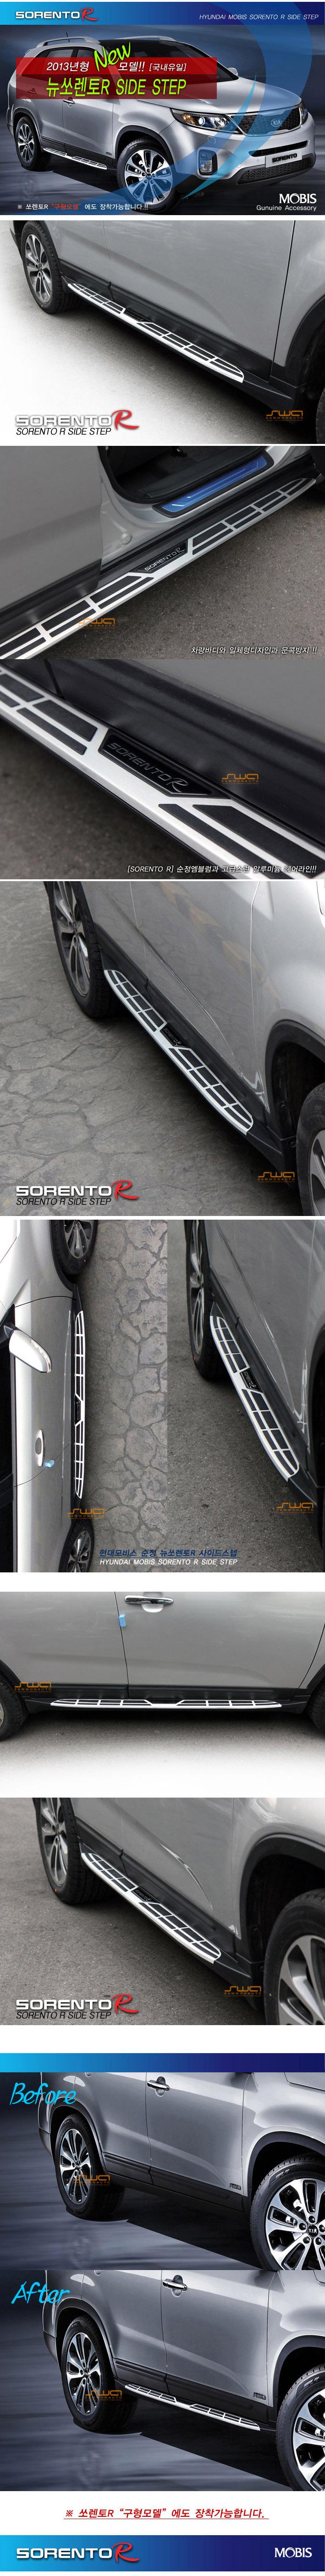 [SWA] 현대모비스 순정 사이드스텝, 옆발판(S-31) - 뉴쏘렌토R / 쏘렌토R